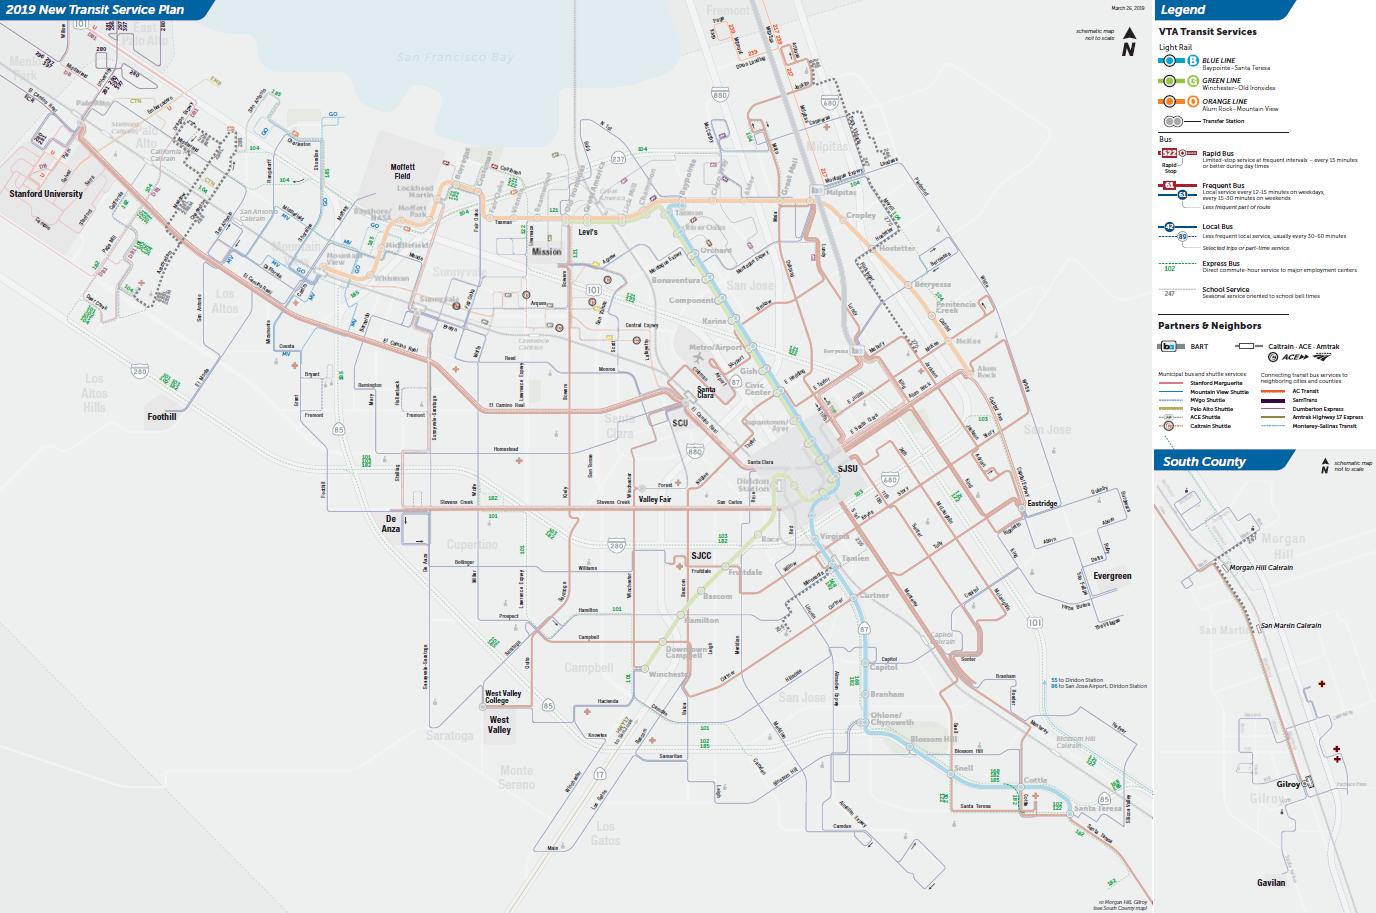 Mapa de rutas orientadas al servicio de transporte para escuelas del Nuevo Plan de Servicio de Transporte Público de 2019 definitivo  (PDF)